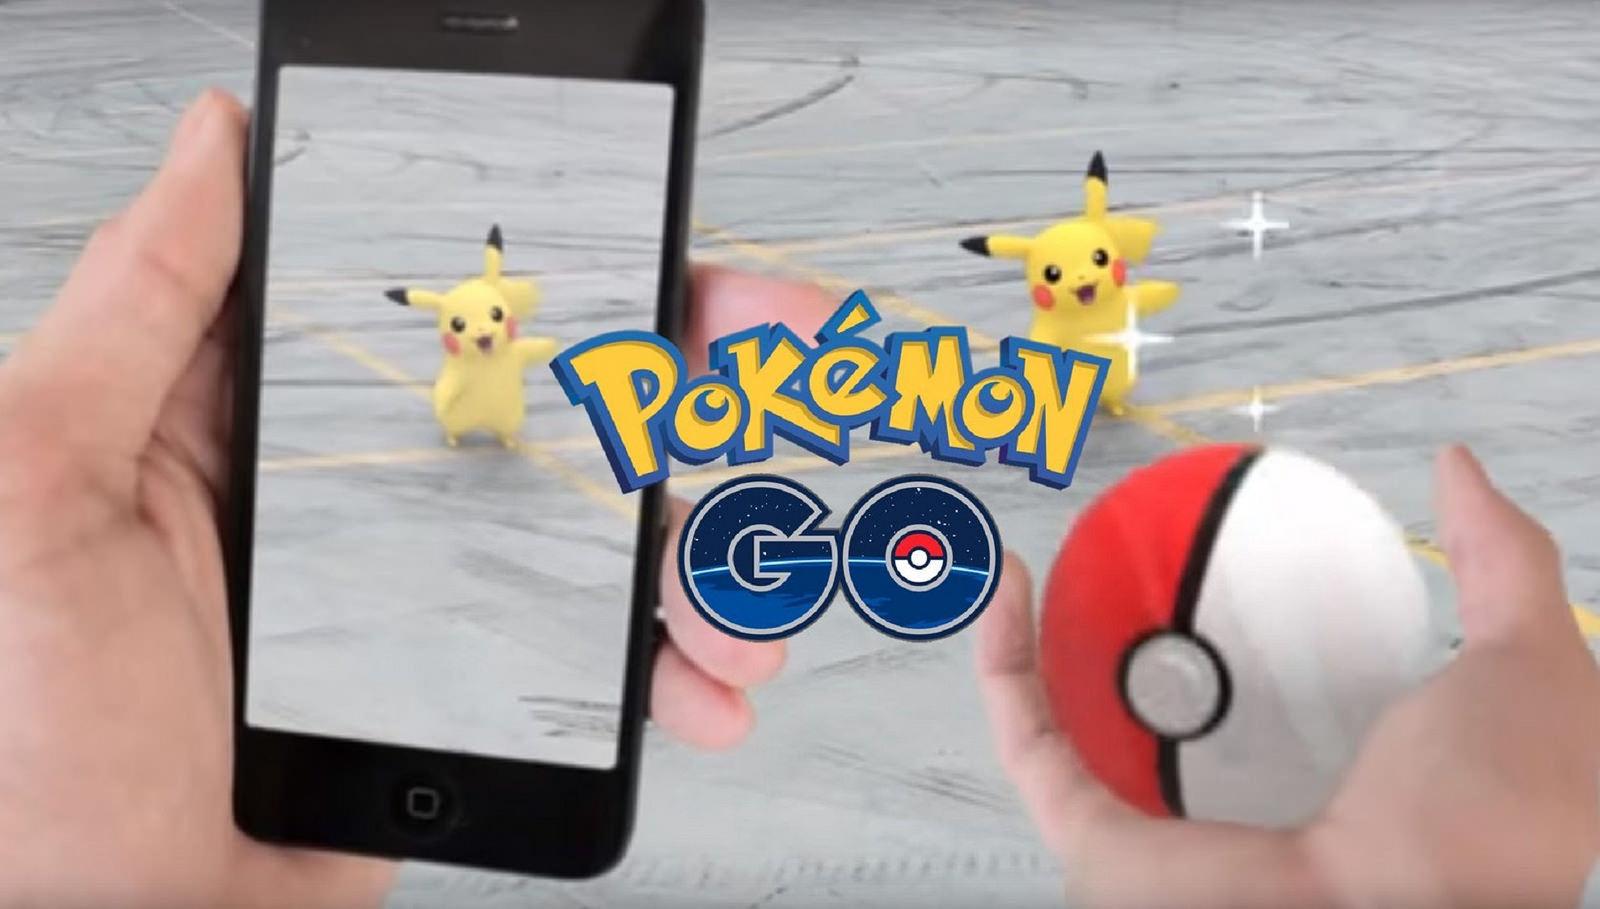 Pokemon Go / Nintendo